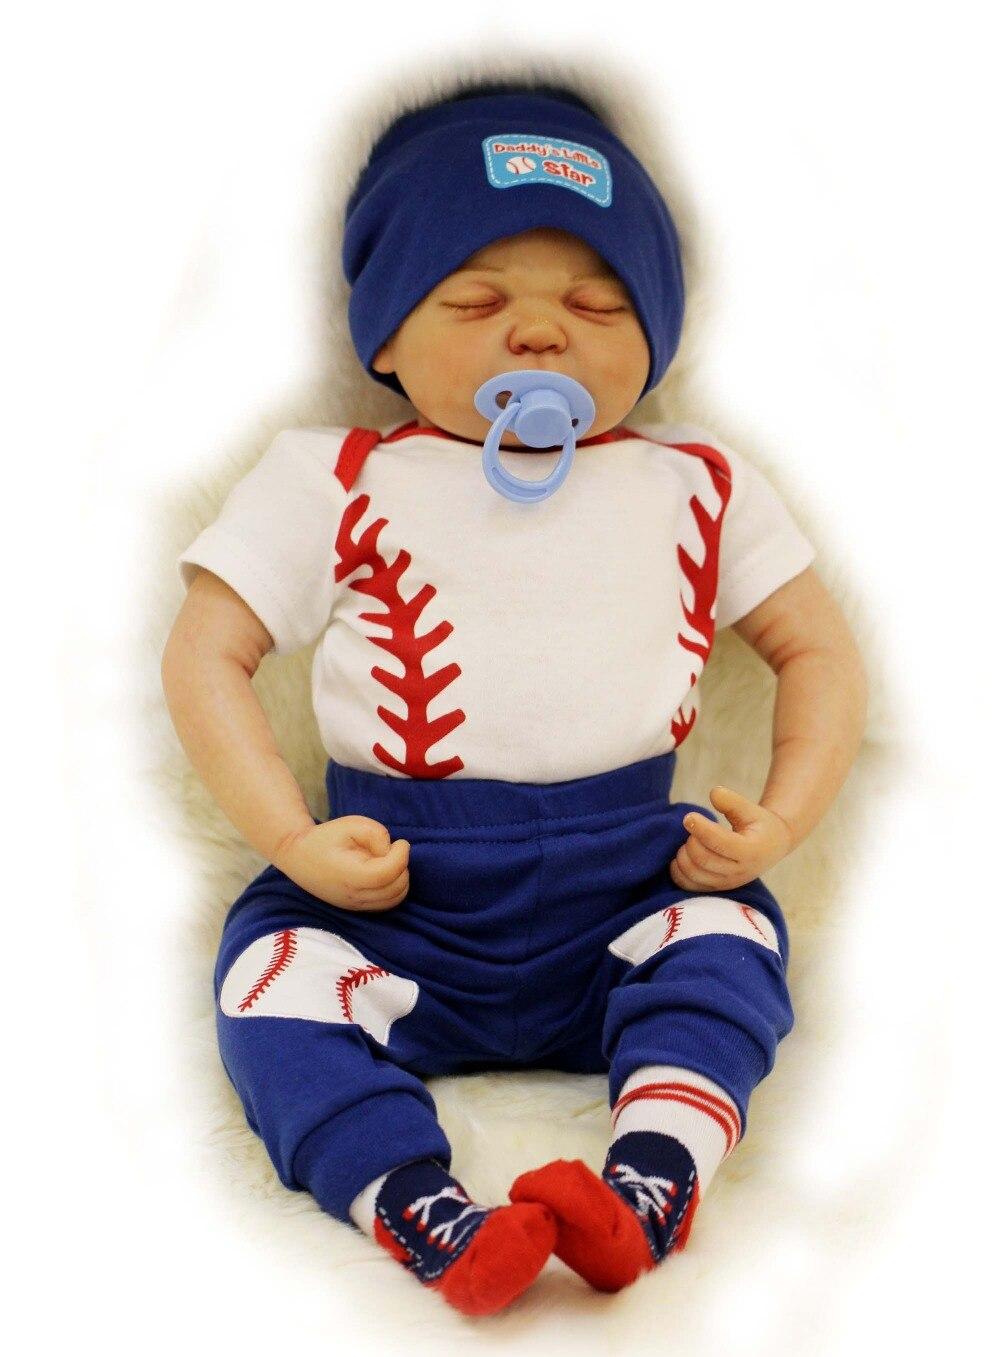 20 настоящий ребенок Reborn 100% ручной работы силиконовая кукла реборн младенцев Для мальчиков и девочек куклы с детская одежда Bebe подарок Boneca